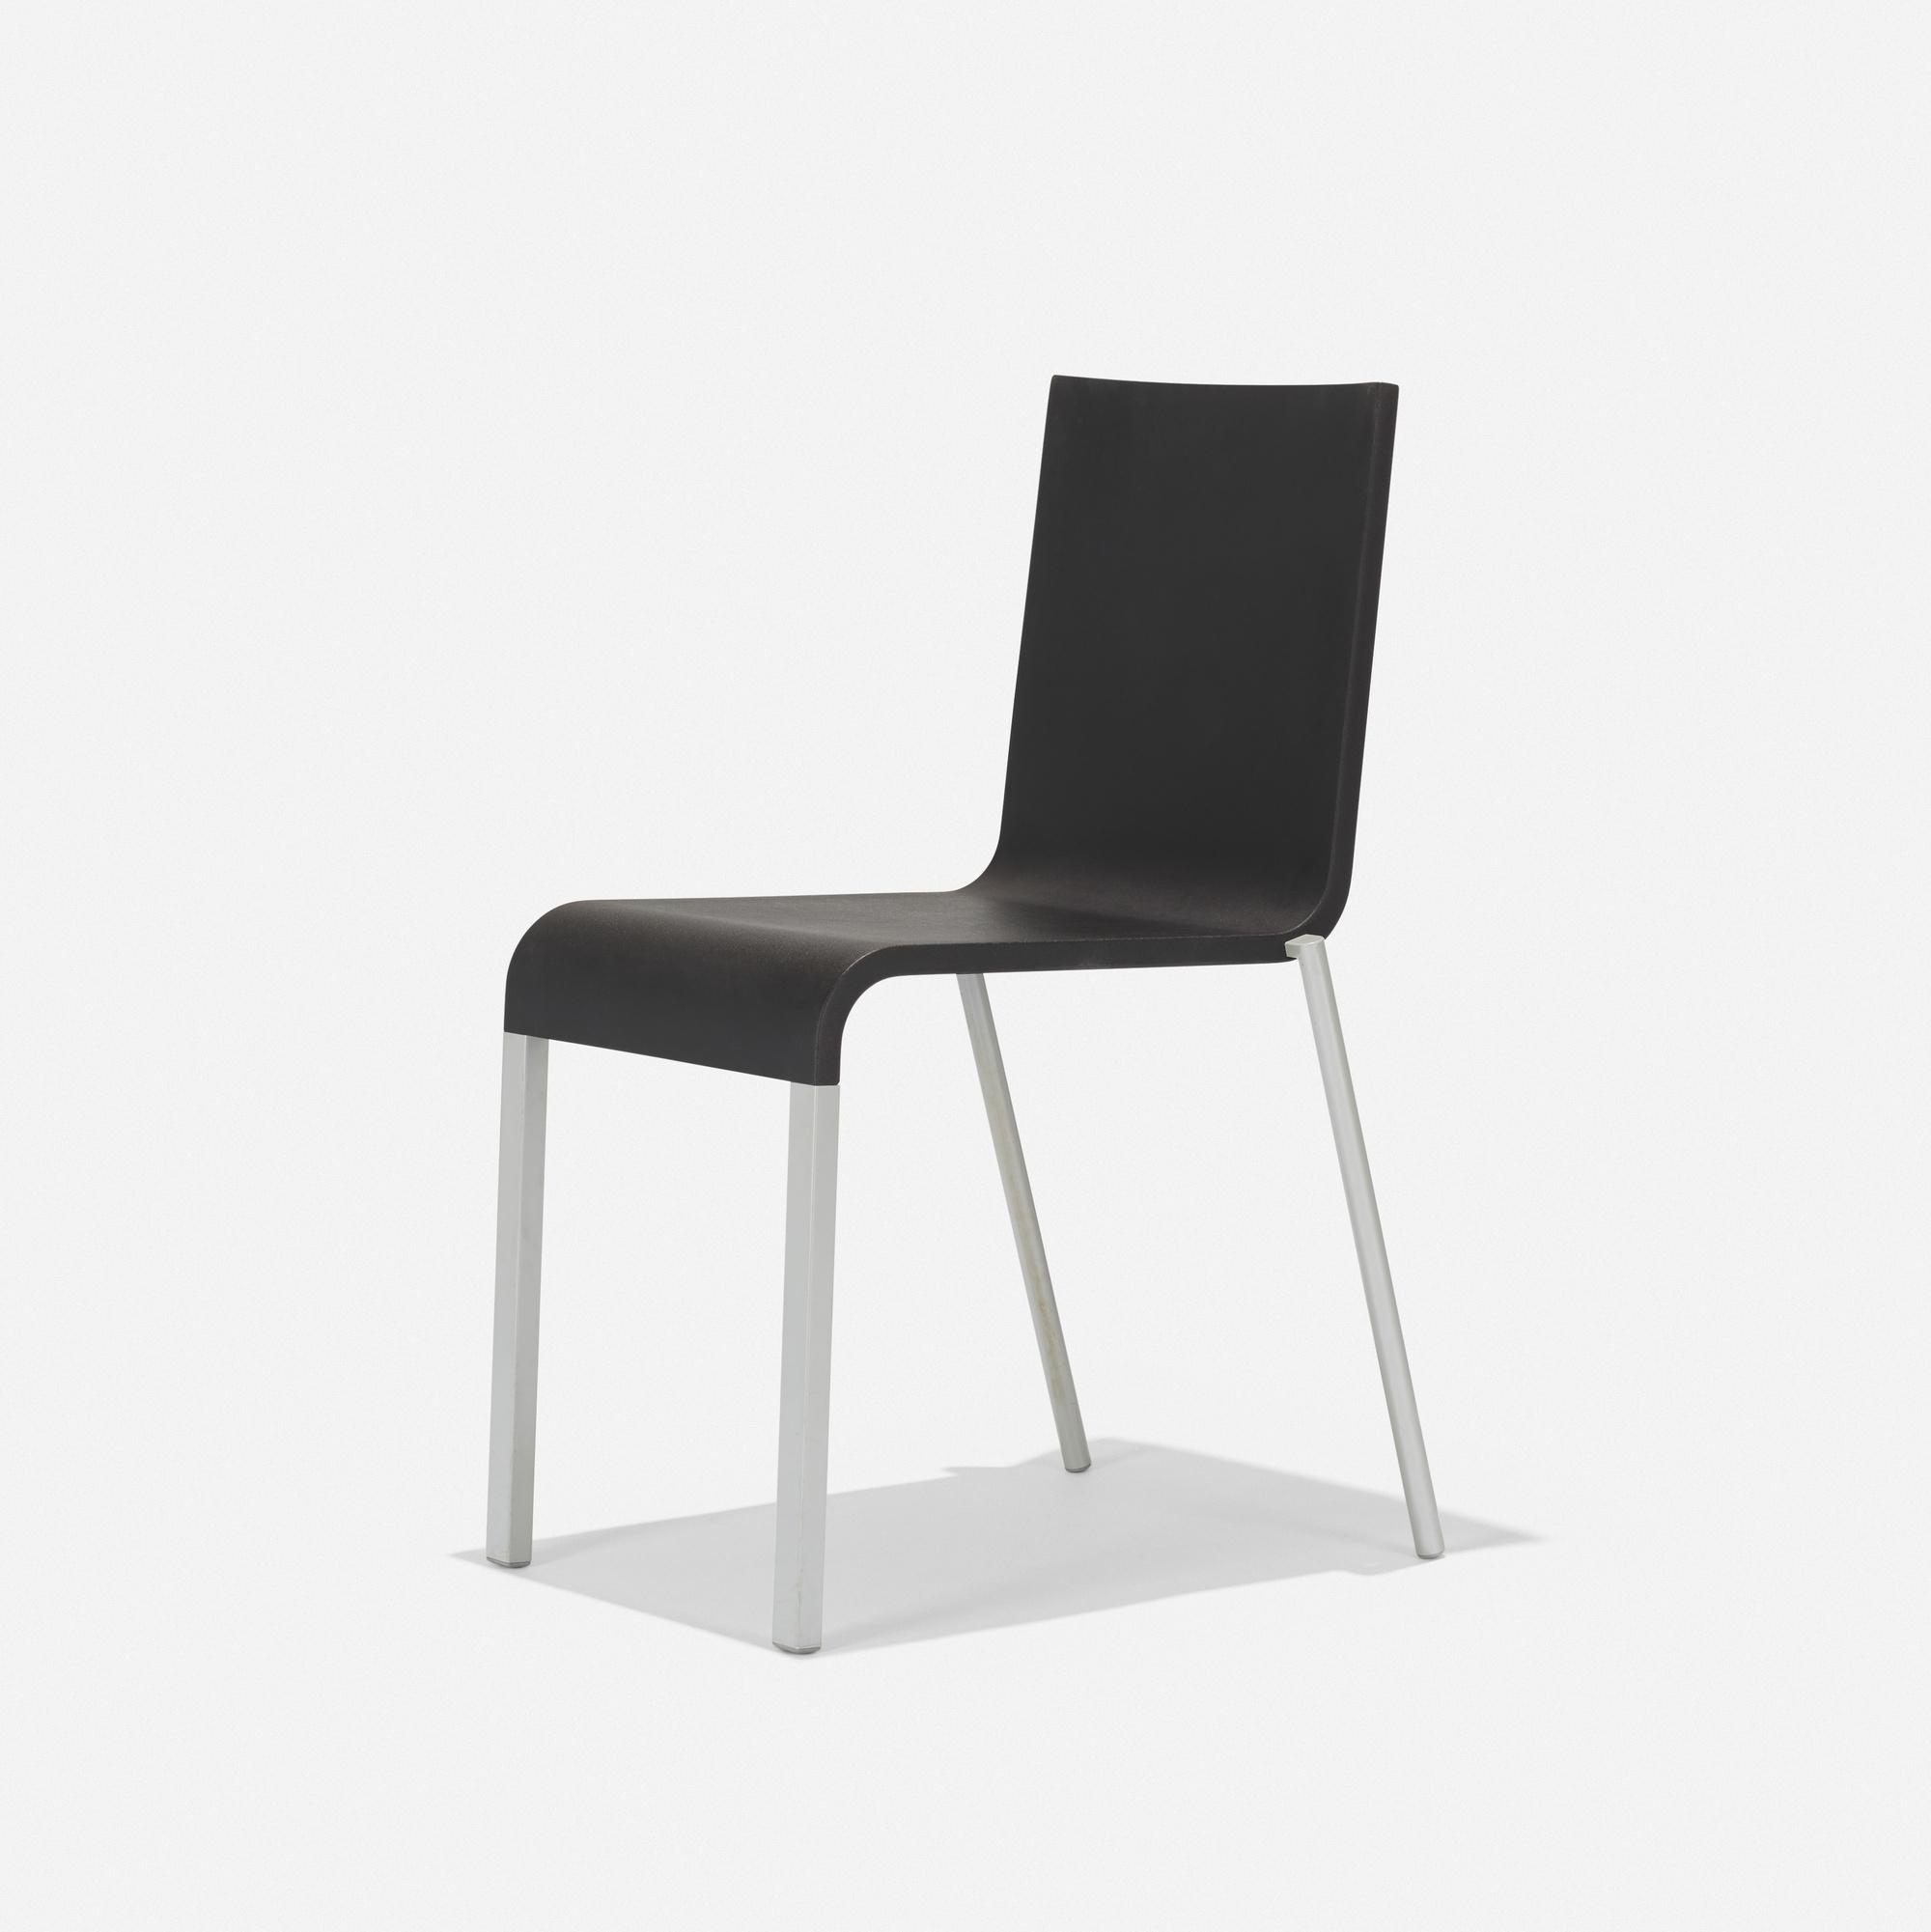 435: Maarten van Severen / Chair no. 3 (1 of 3)